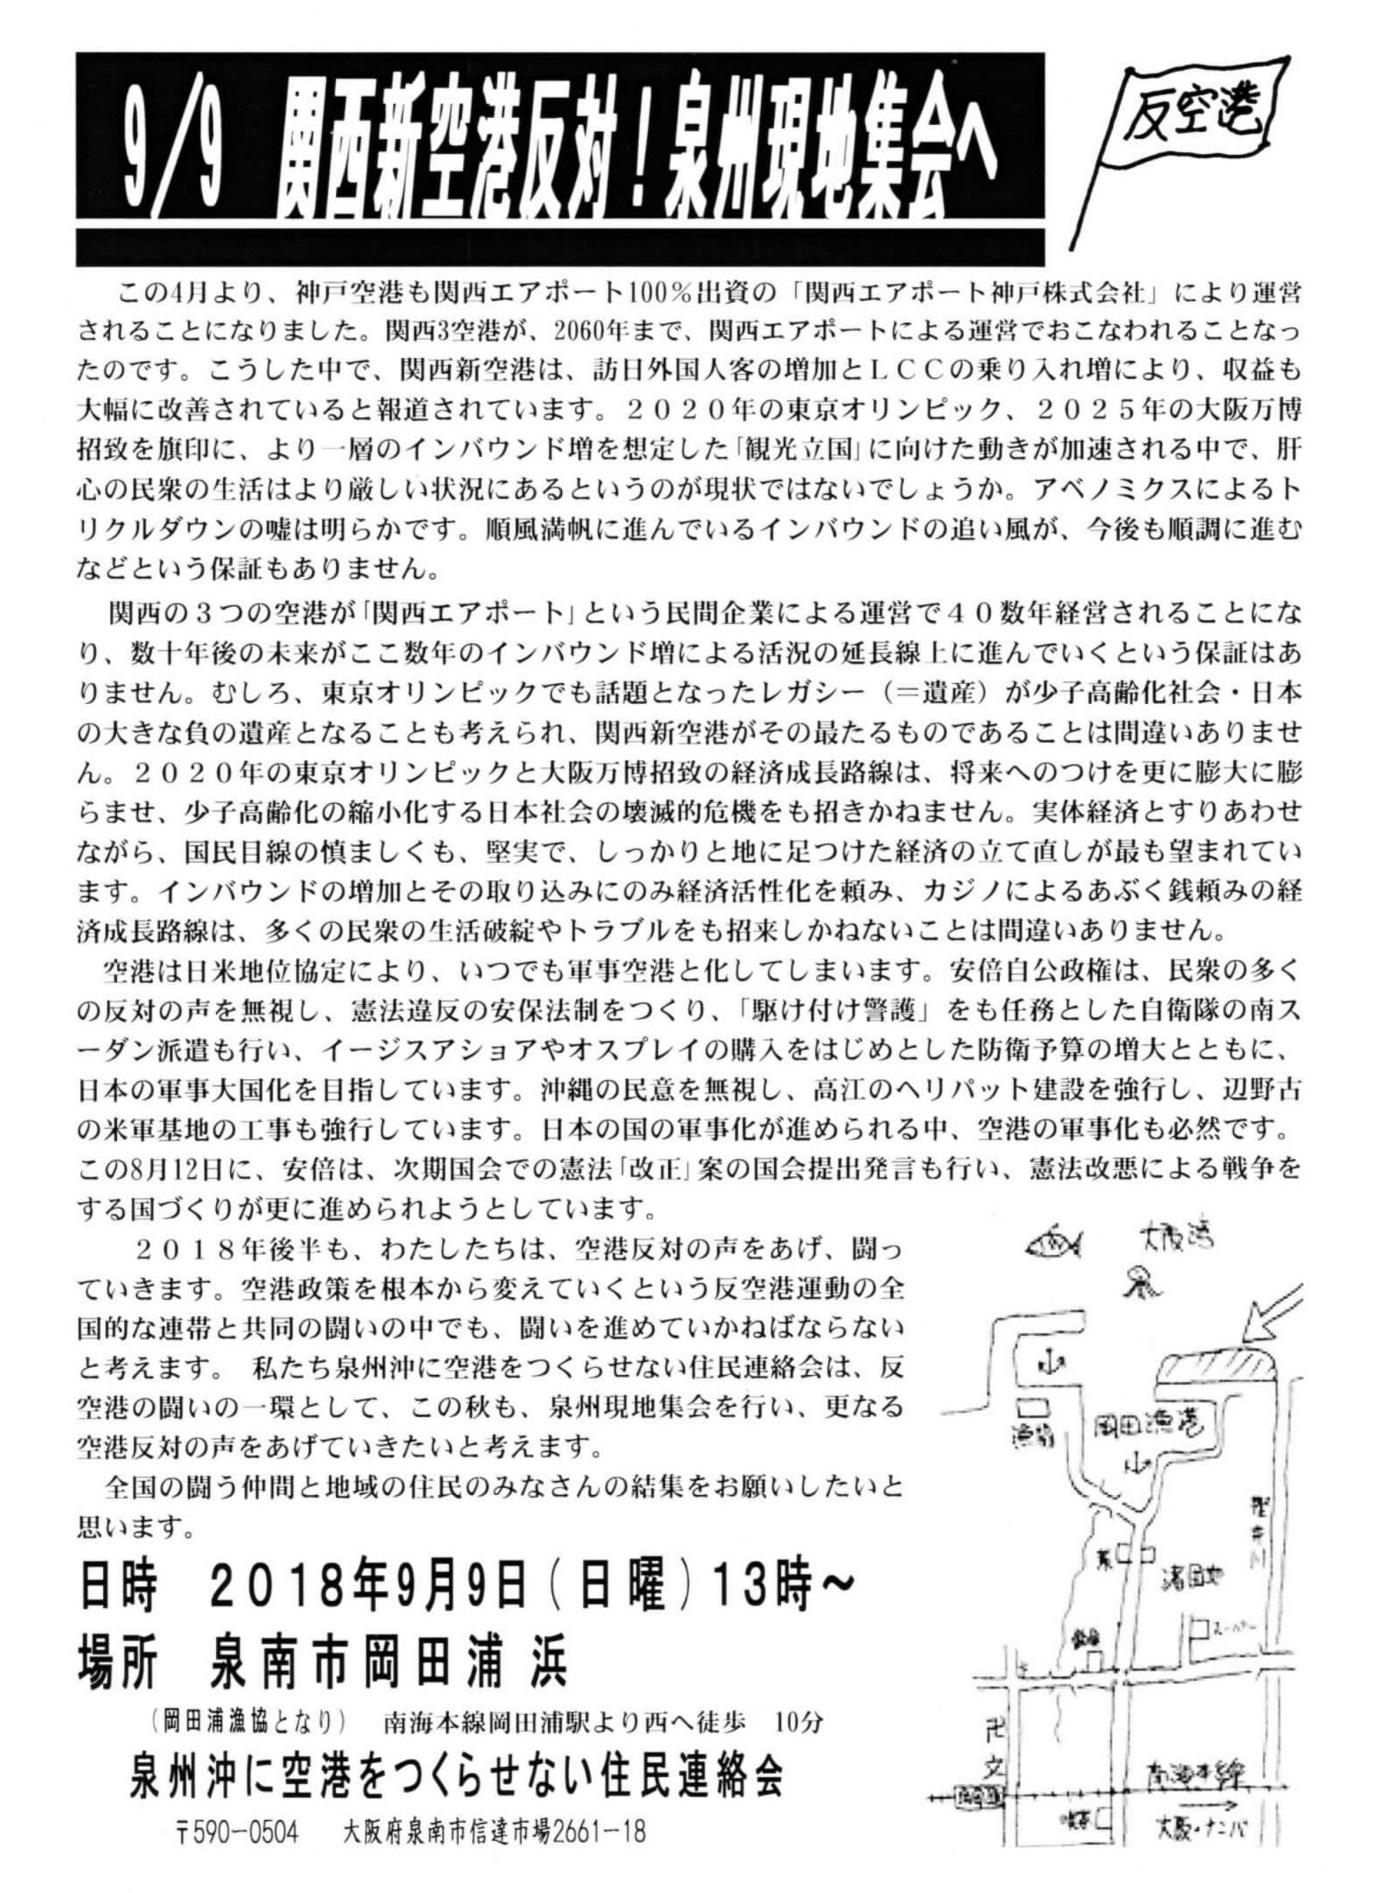 9・9 関西新空港反対!泉州現地集会